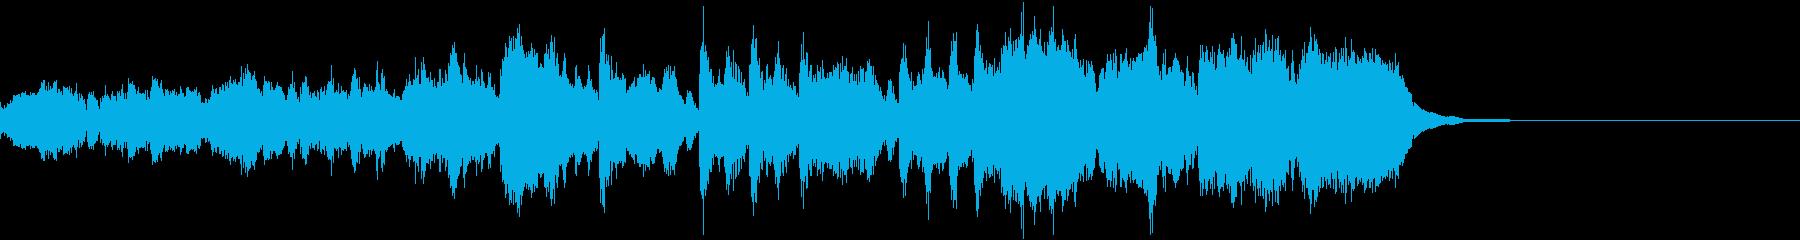 30秒強の明るく勇ましいファンファーレの再生済みの波形